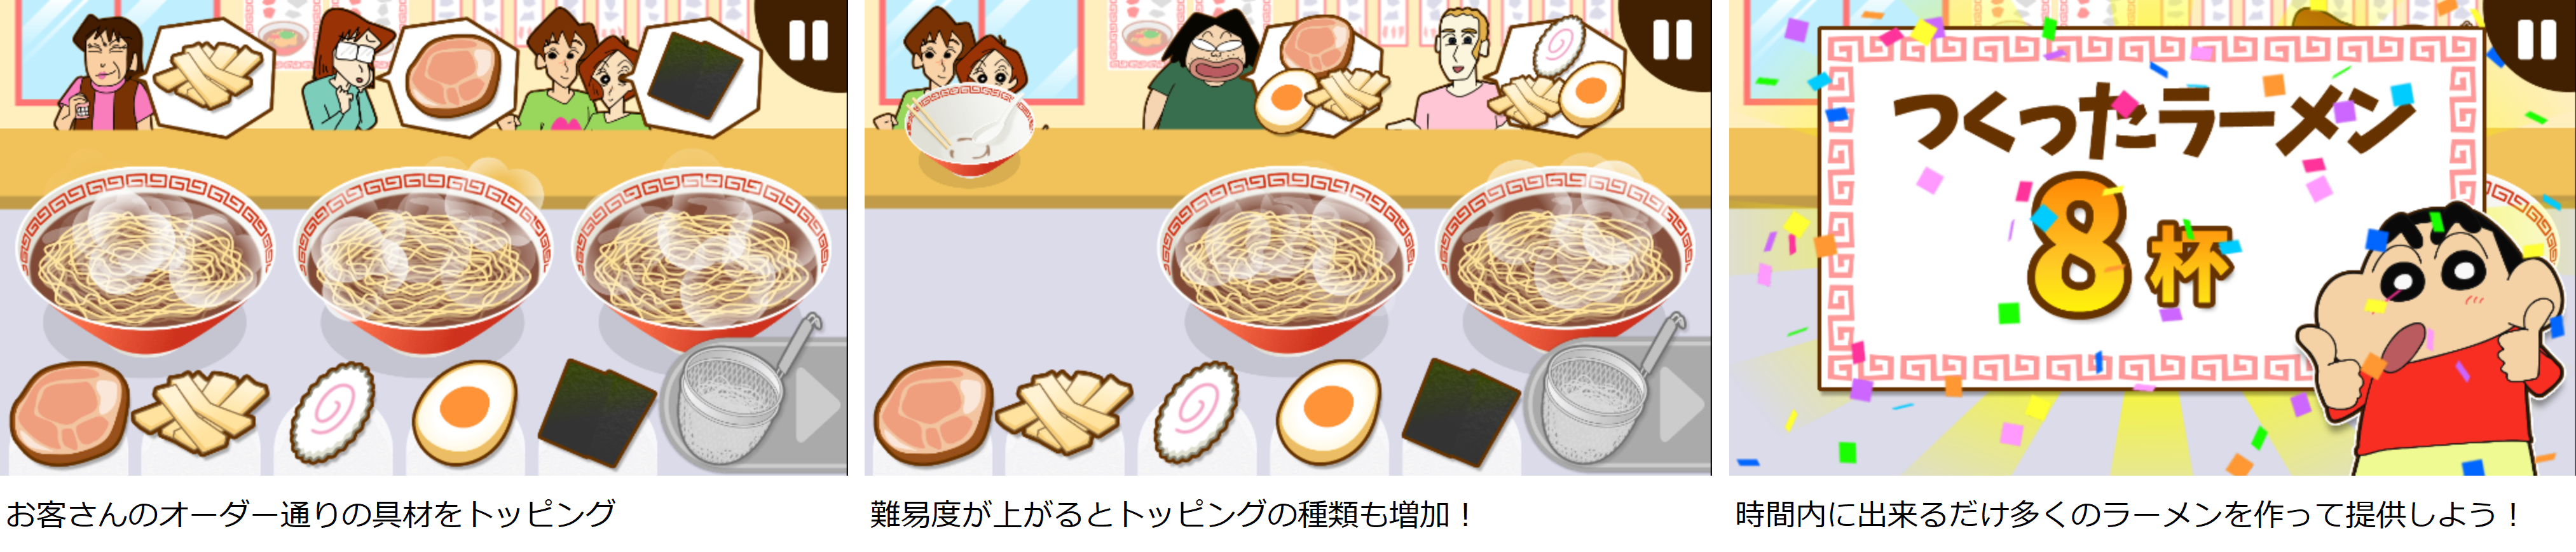 クレヨンしんちゃんゲーム画面